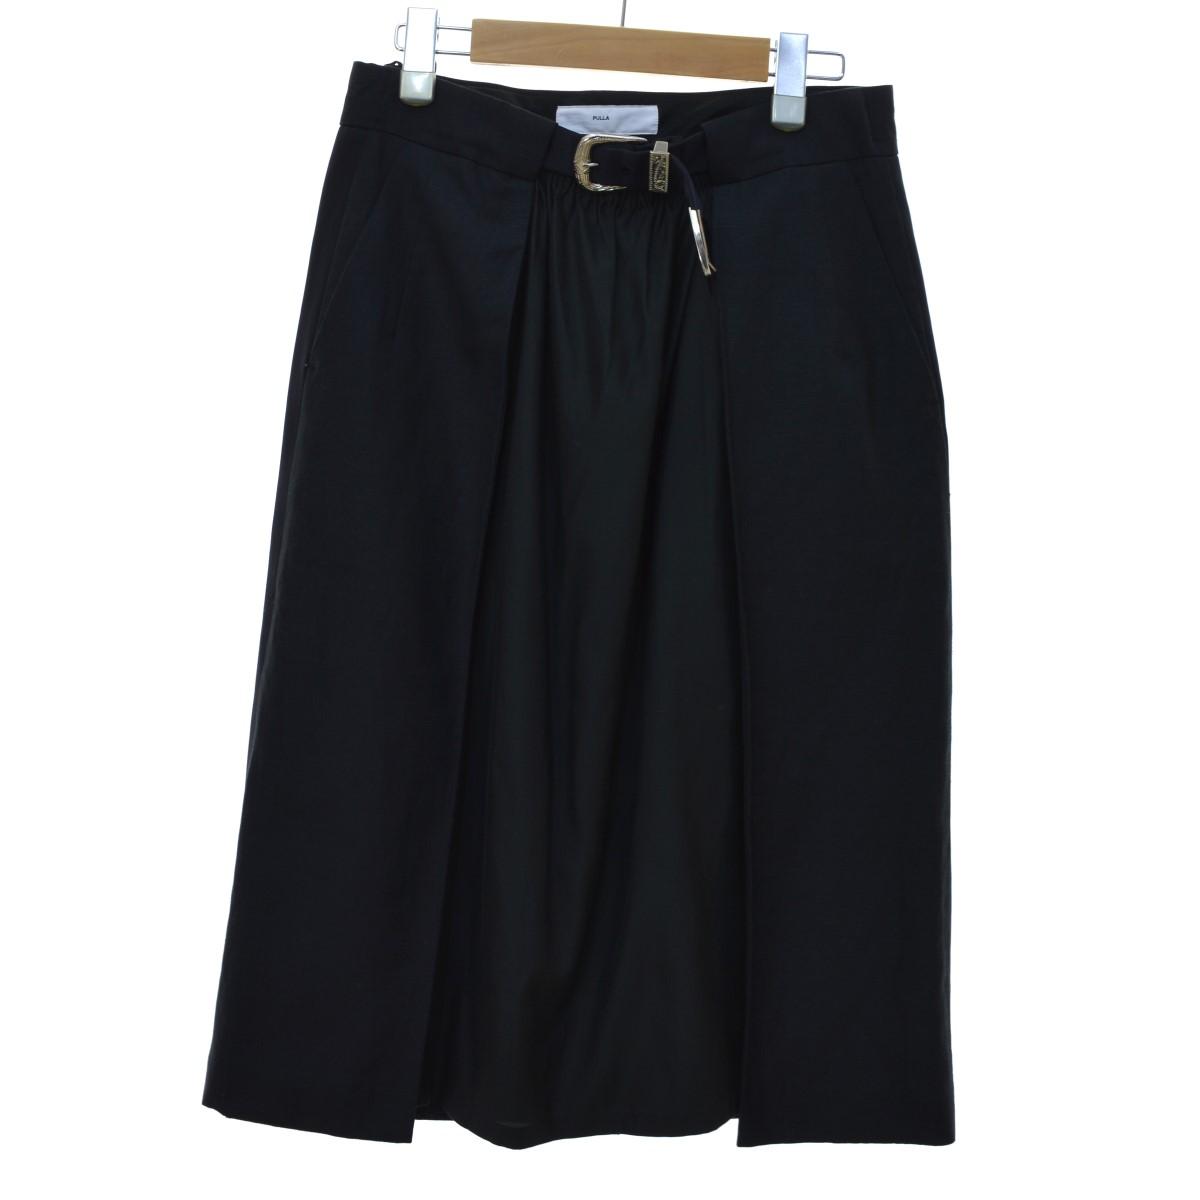 【中古】TOGA PULLA 19SS Chambray wool skirt スカート ブラック サイズ:38 【120420】(トーガ プルラ)